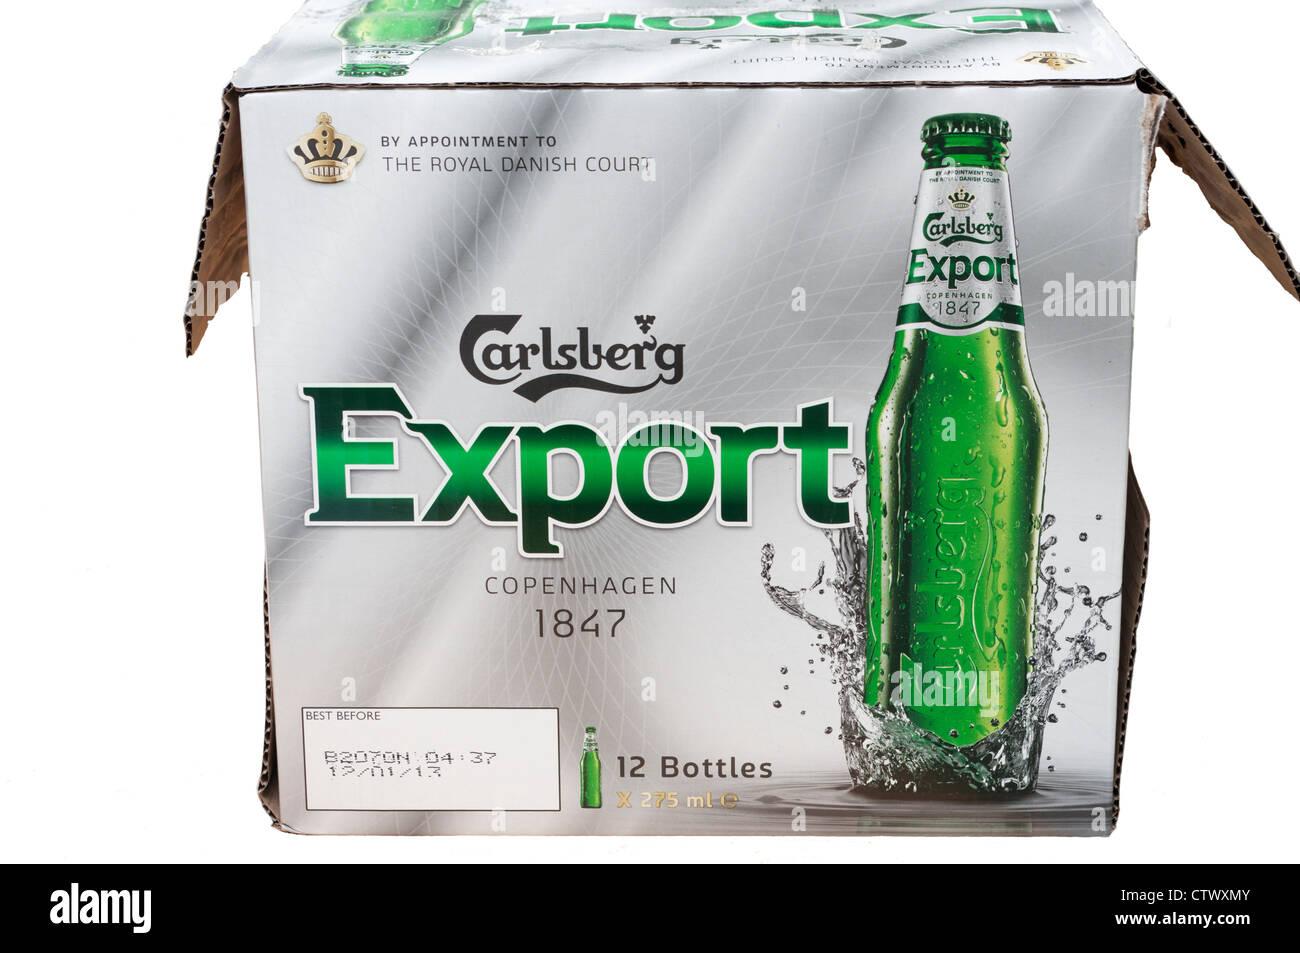 Box Of Carlsberg Export bottled Beer - Stock Image